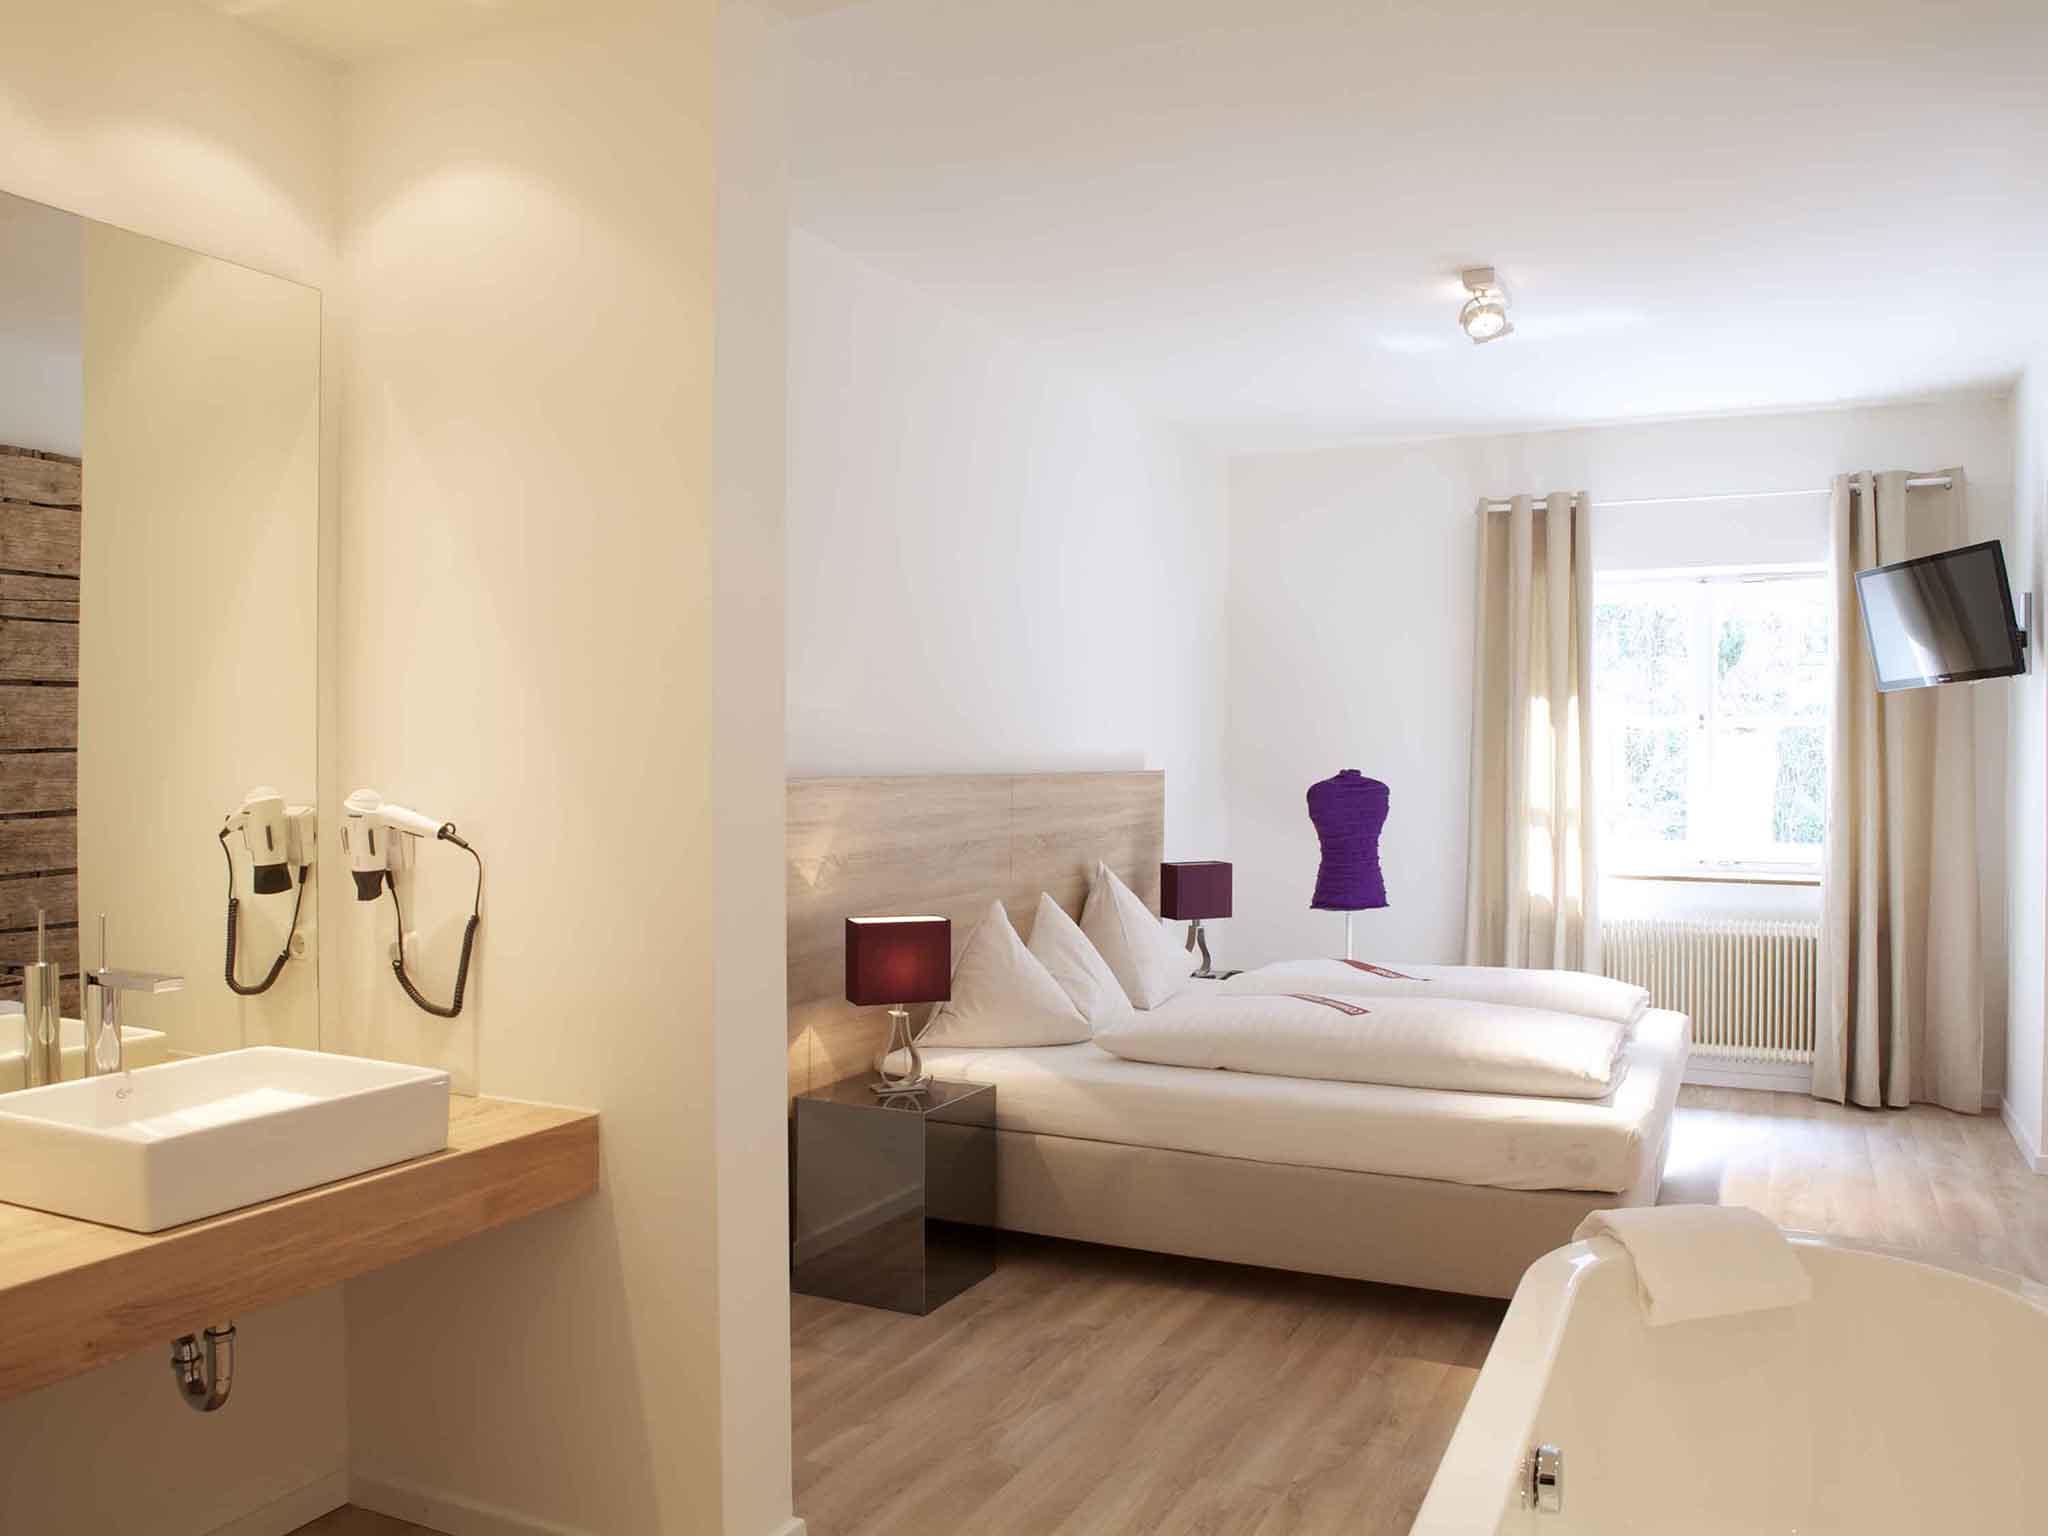 Hotel in salzburg boutique hotel krone 1512 for Design boutique hotel salzburg